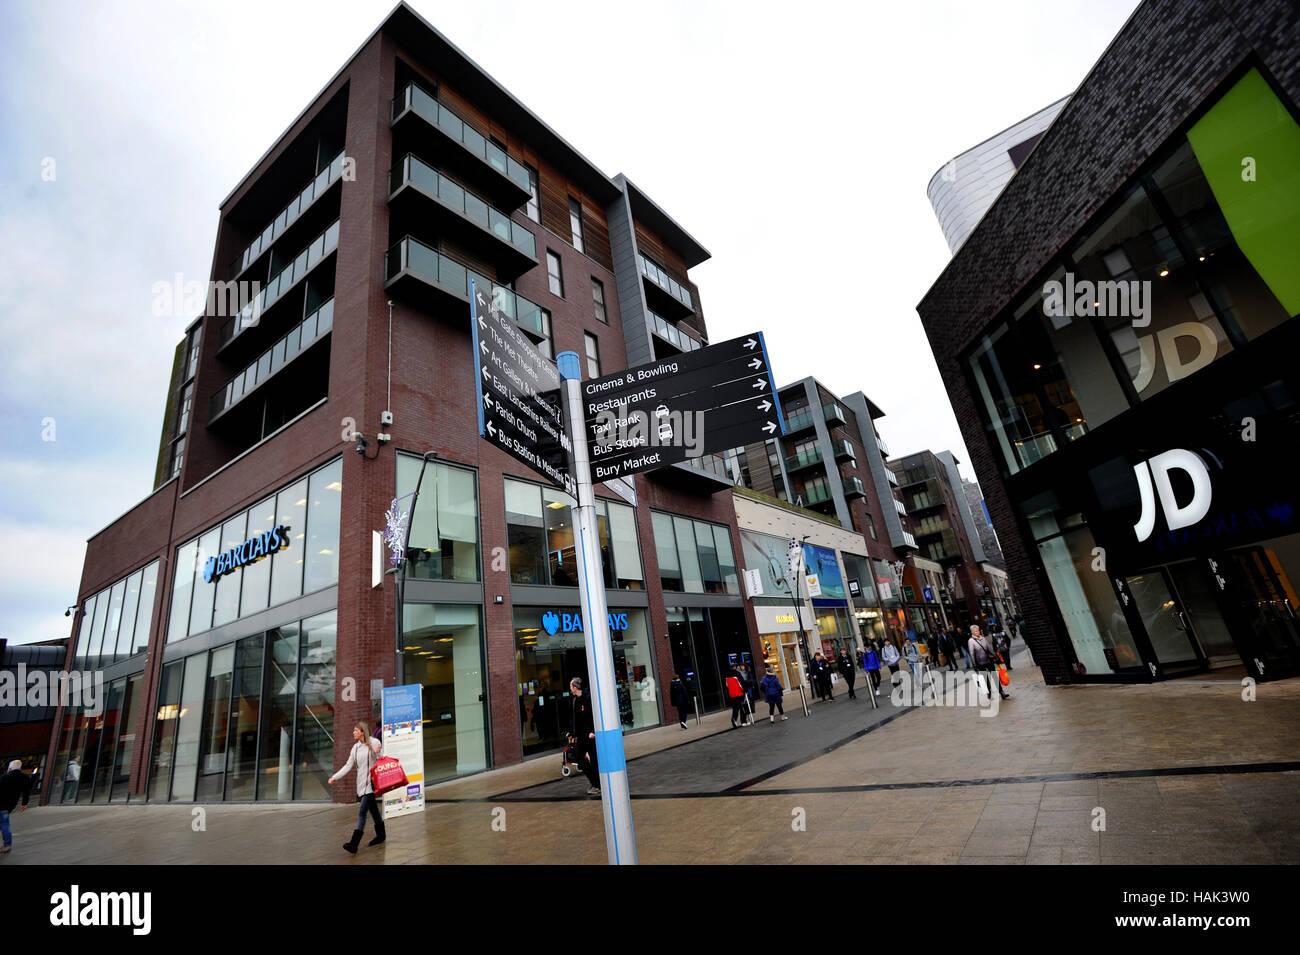 La Roca, de compras y de entretenimiento, enterrar, Lancashire. Fotografía por Paul Heyes, jueves 01 diciembre, Imagen De Stock